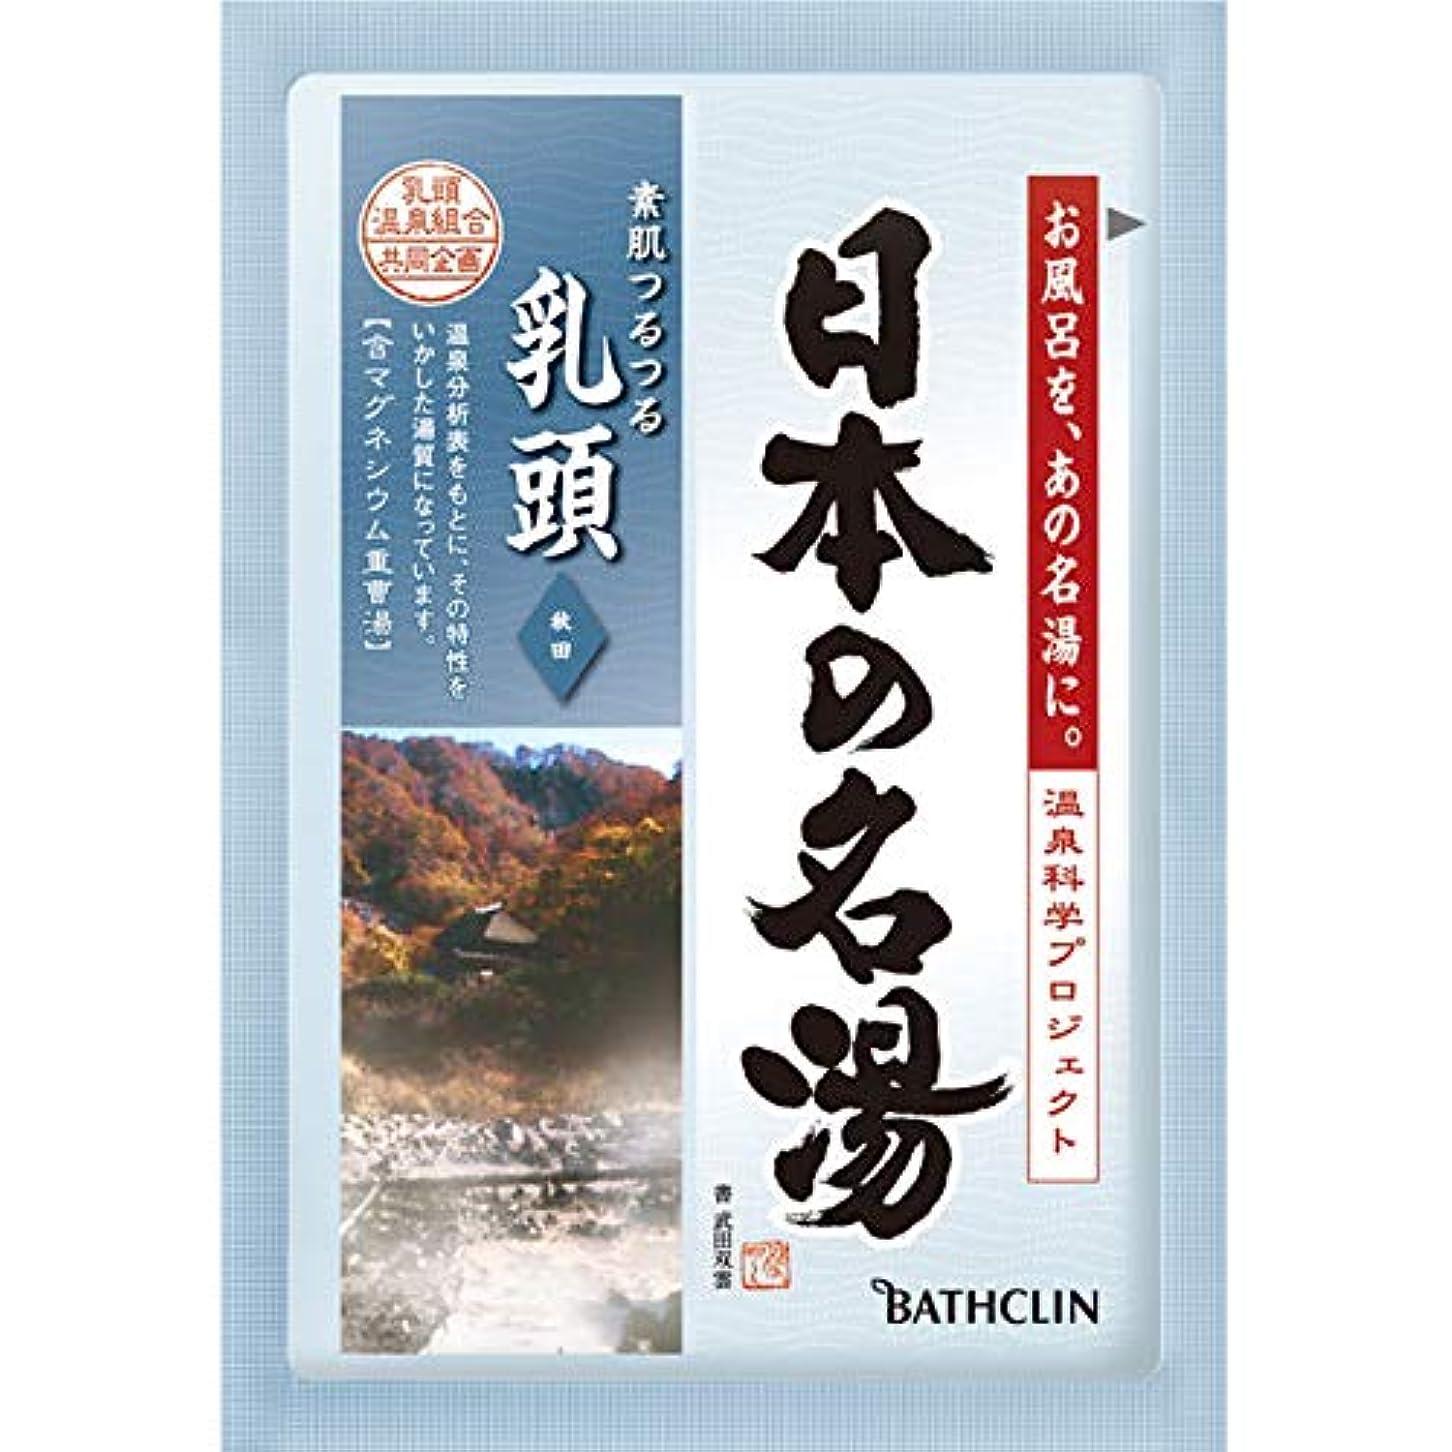 比喩発揮するスコットランド人バスクリン 日本の名湯 乳頭 30g (医薬部外品)